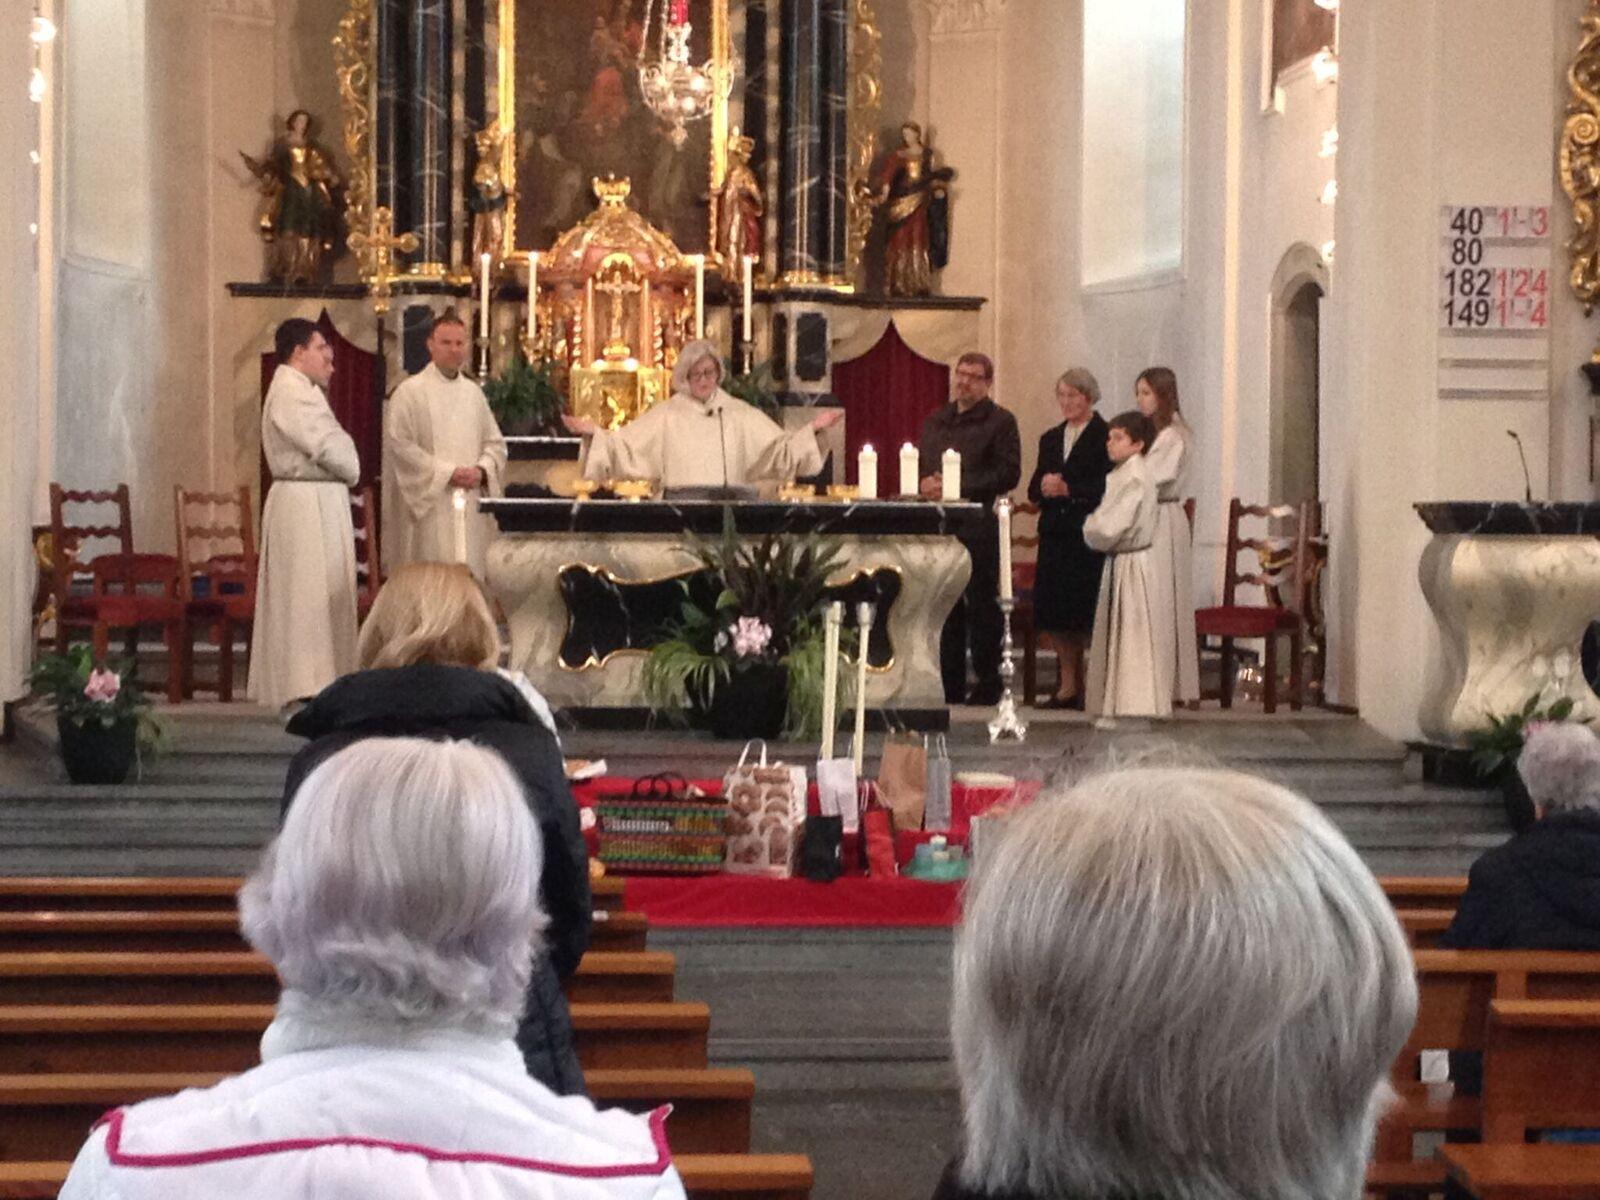 Die Pfarrerin, die keine Pfarrerin ist: Renata Huber bei ihrer Predigt.